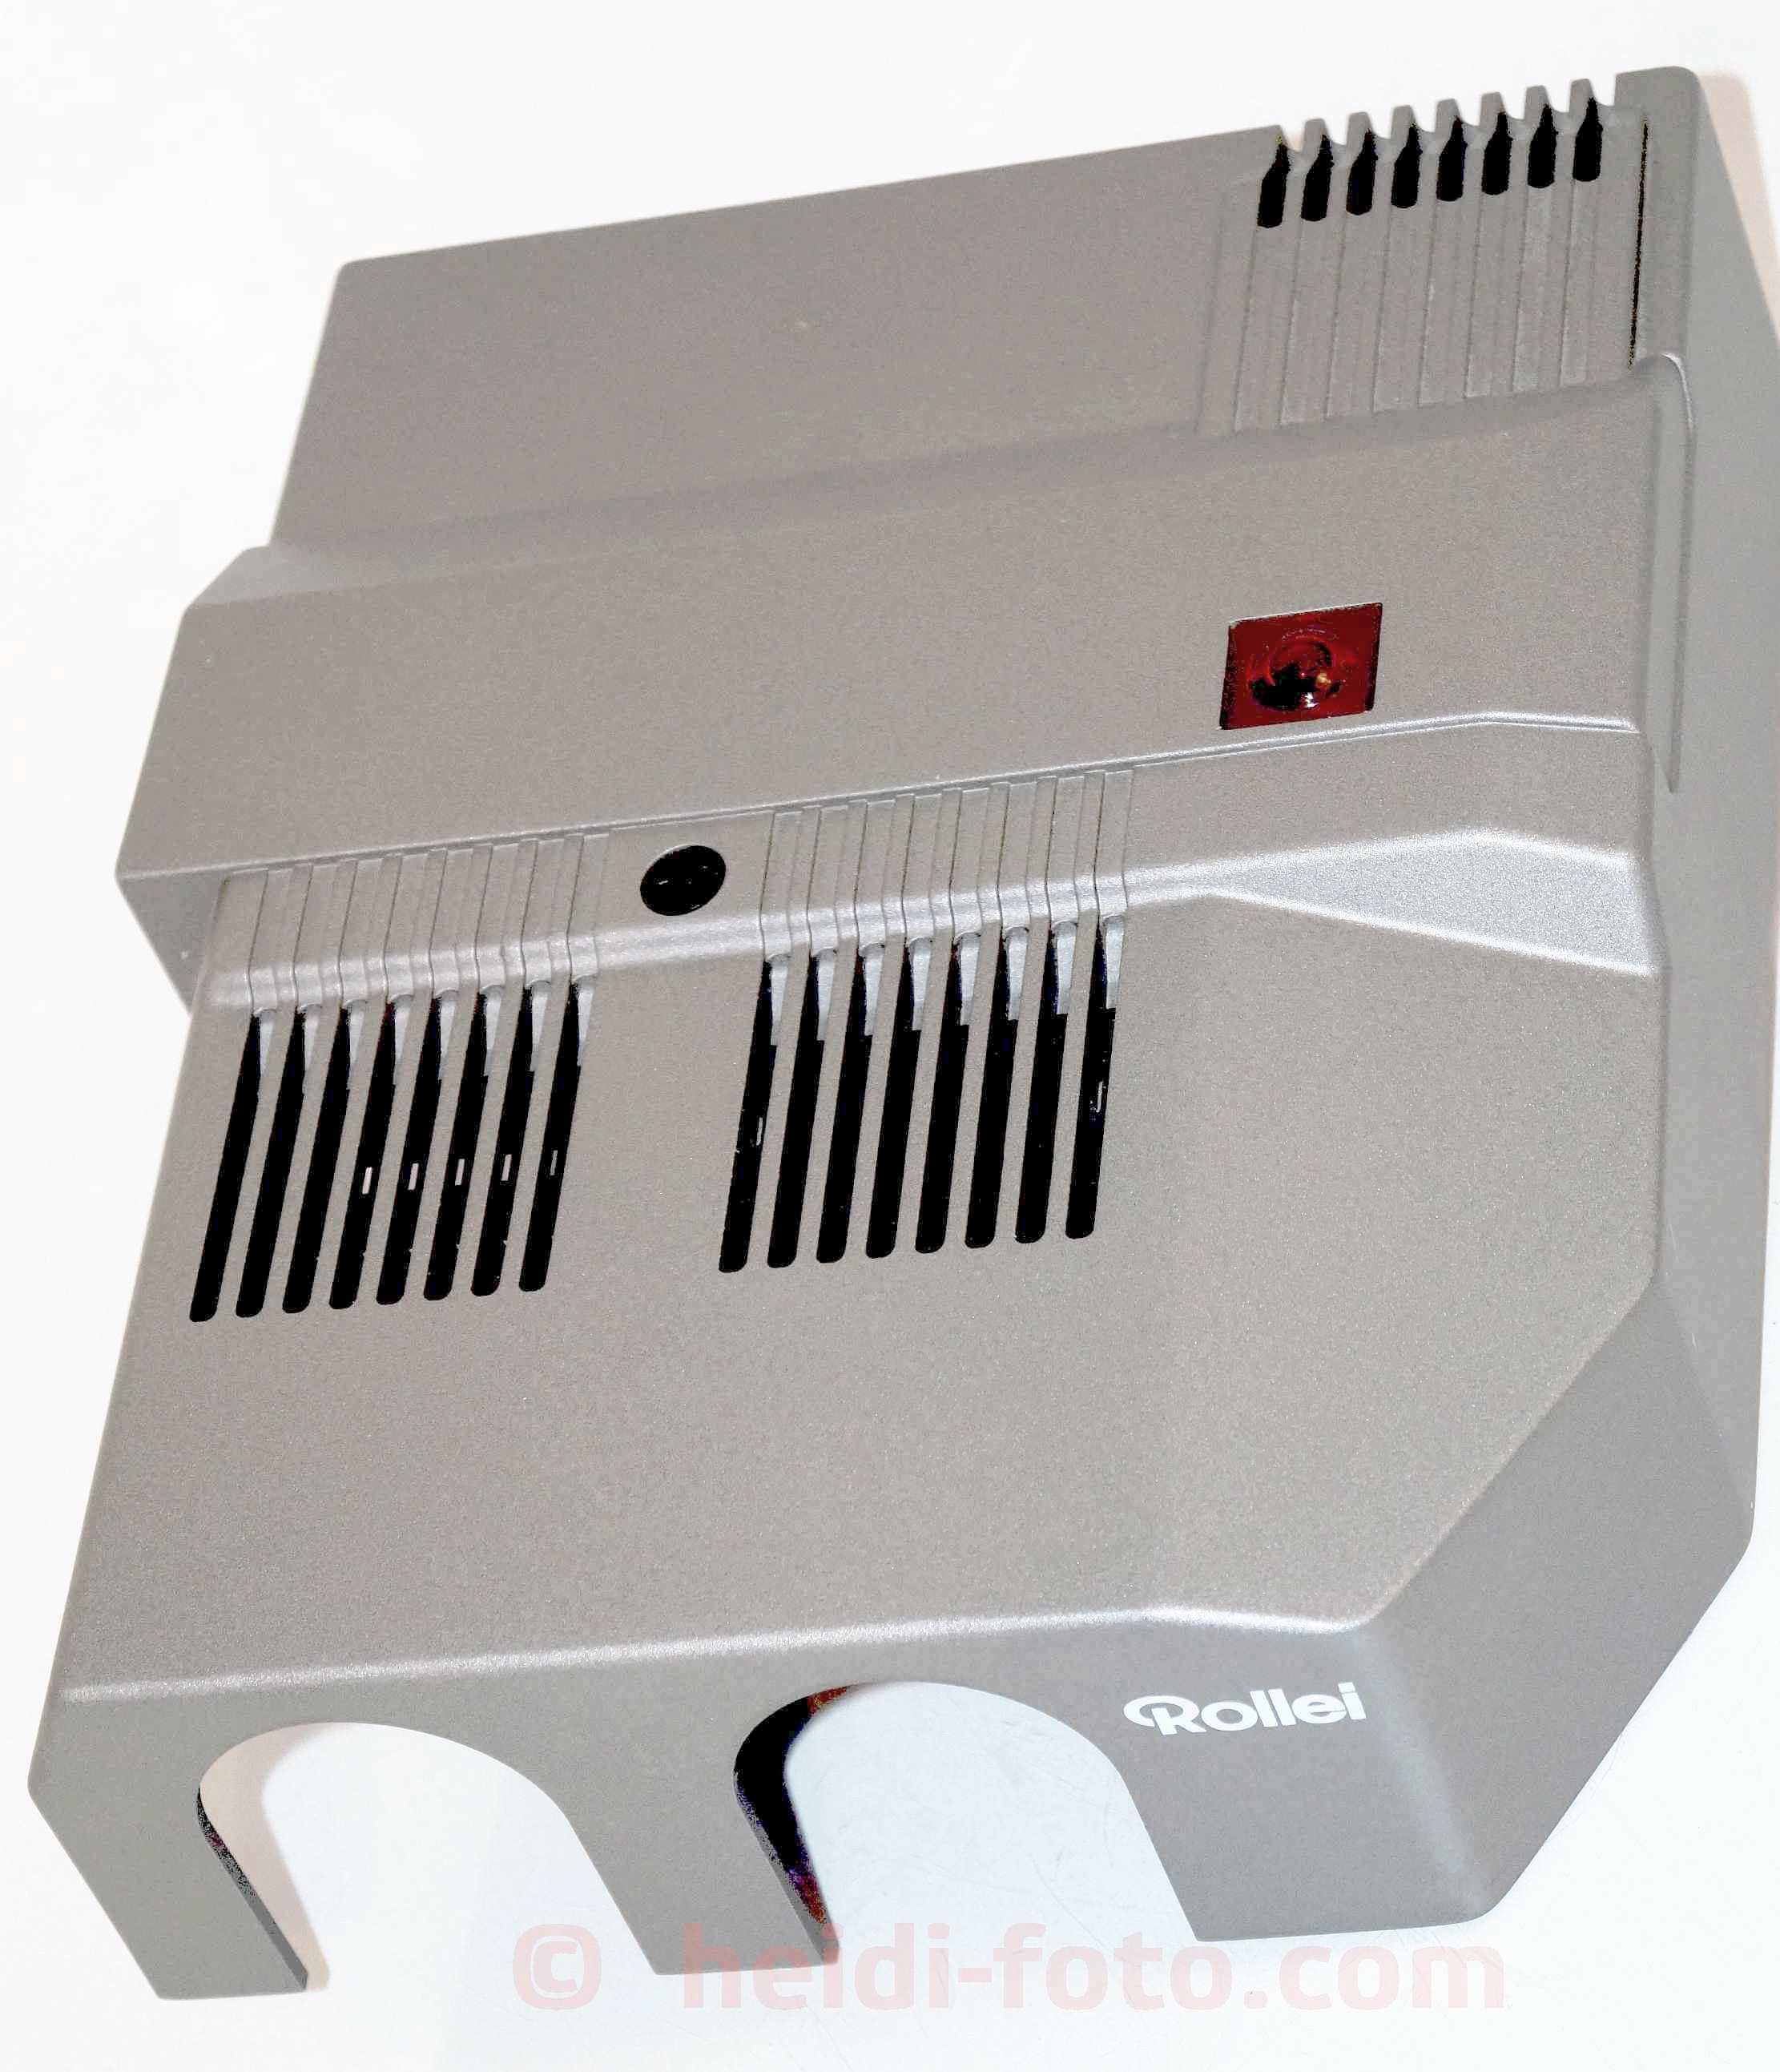 Rollei MSC twin 300 300P Gehäusedeckel wie neu